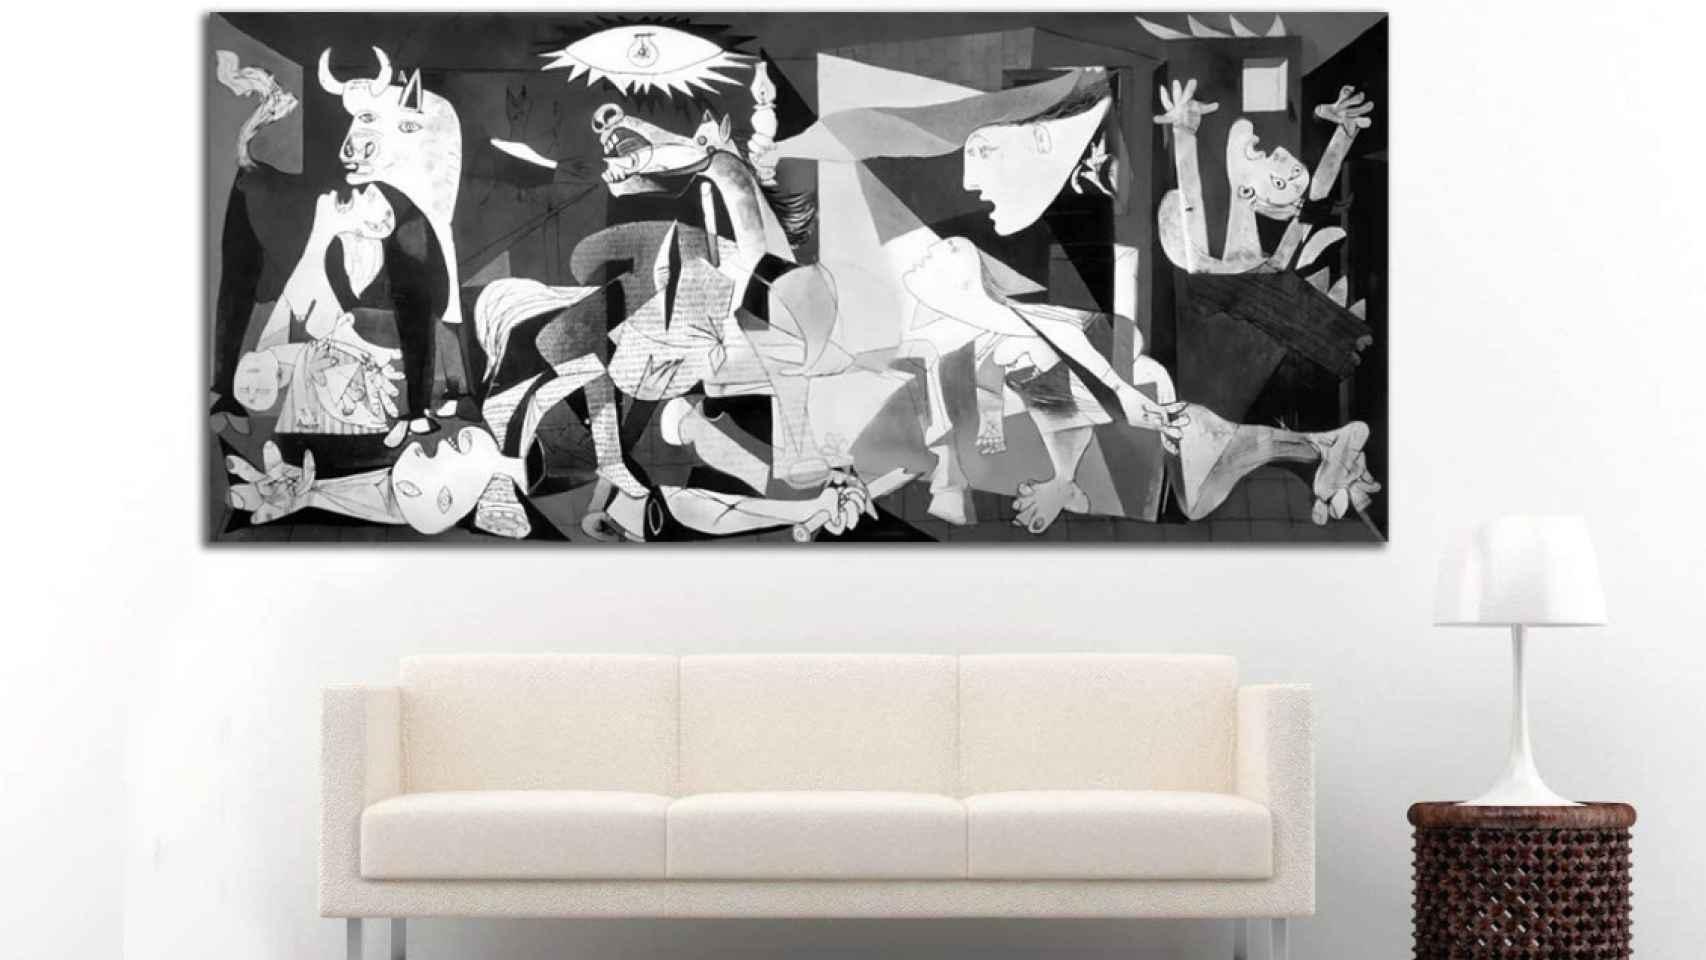 Decora tu hogar con los cuadros de los artistas más famosos de la historia